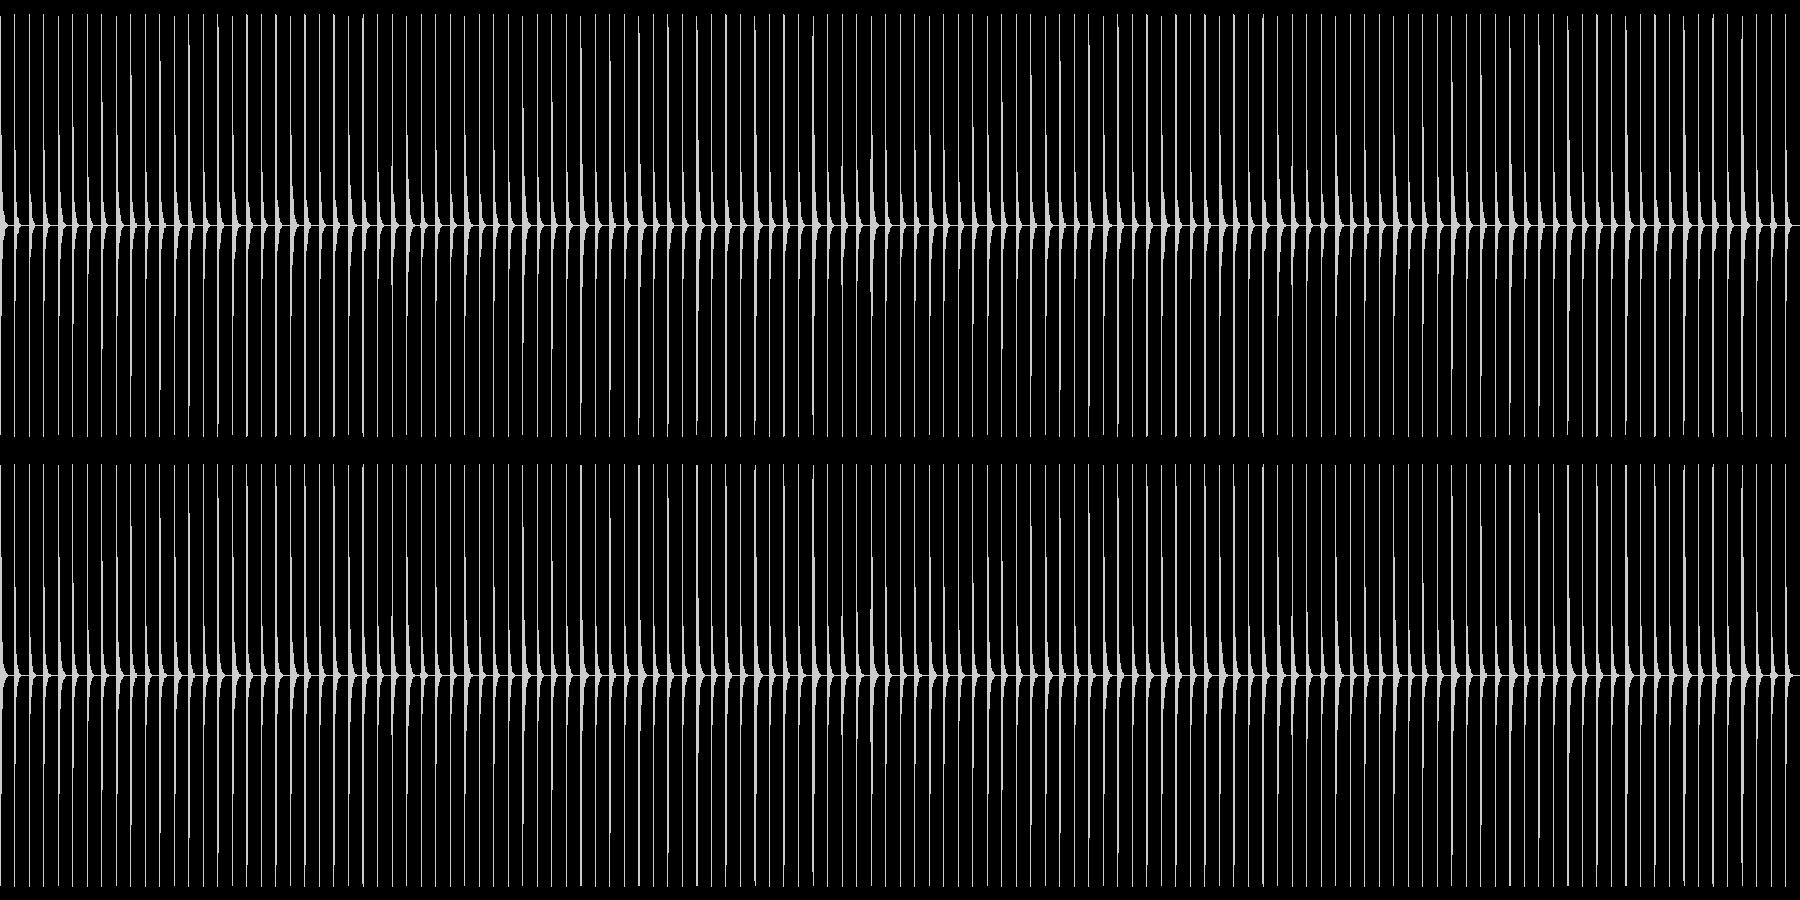 生音クリック01-120-AccOnの未再生の波形